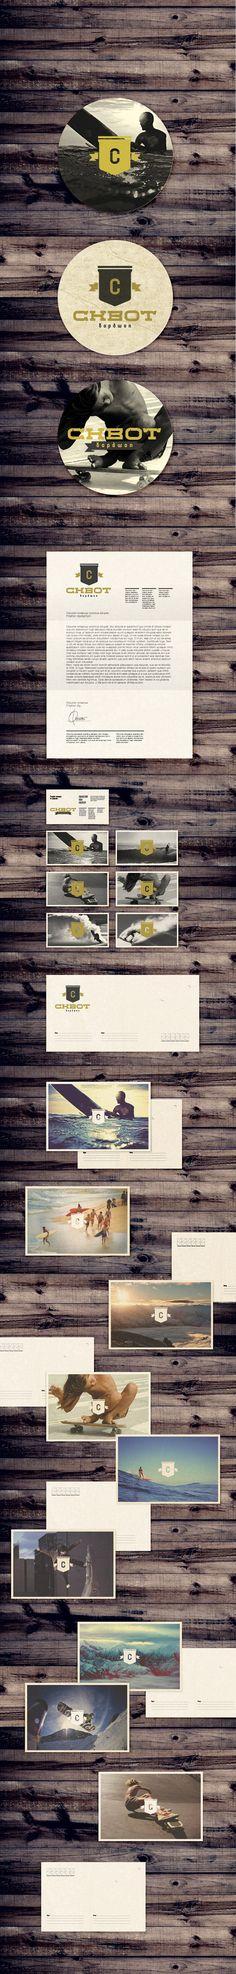 Skvot Boardshop Rebranding  & postcards